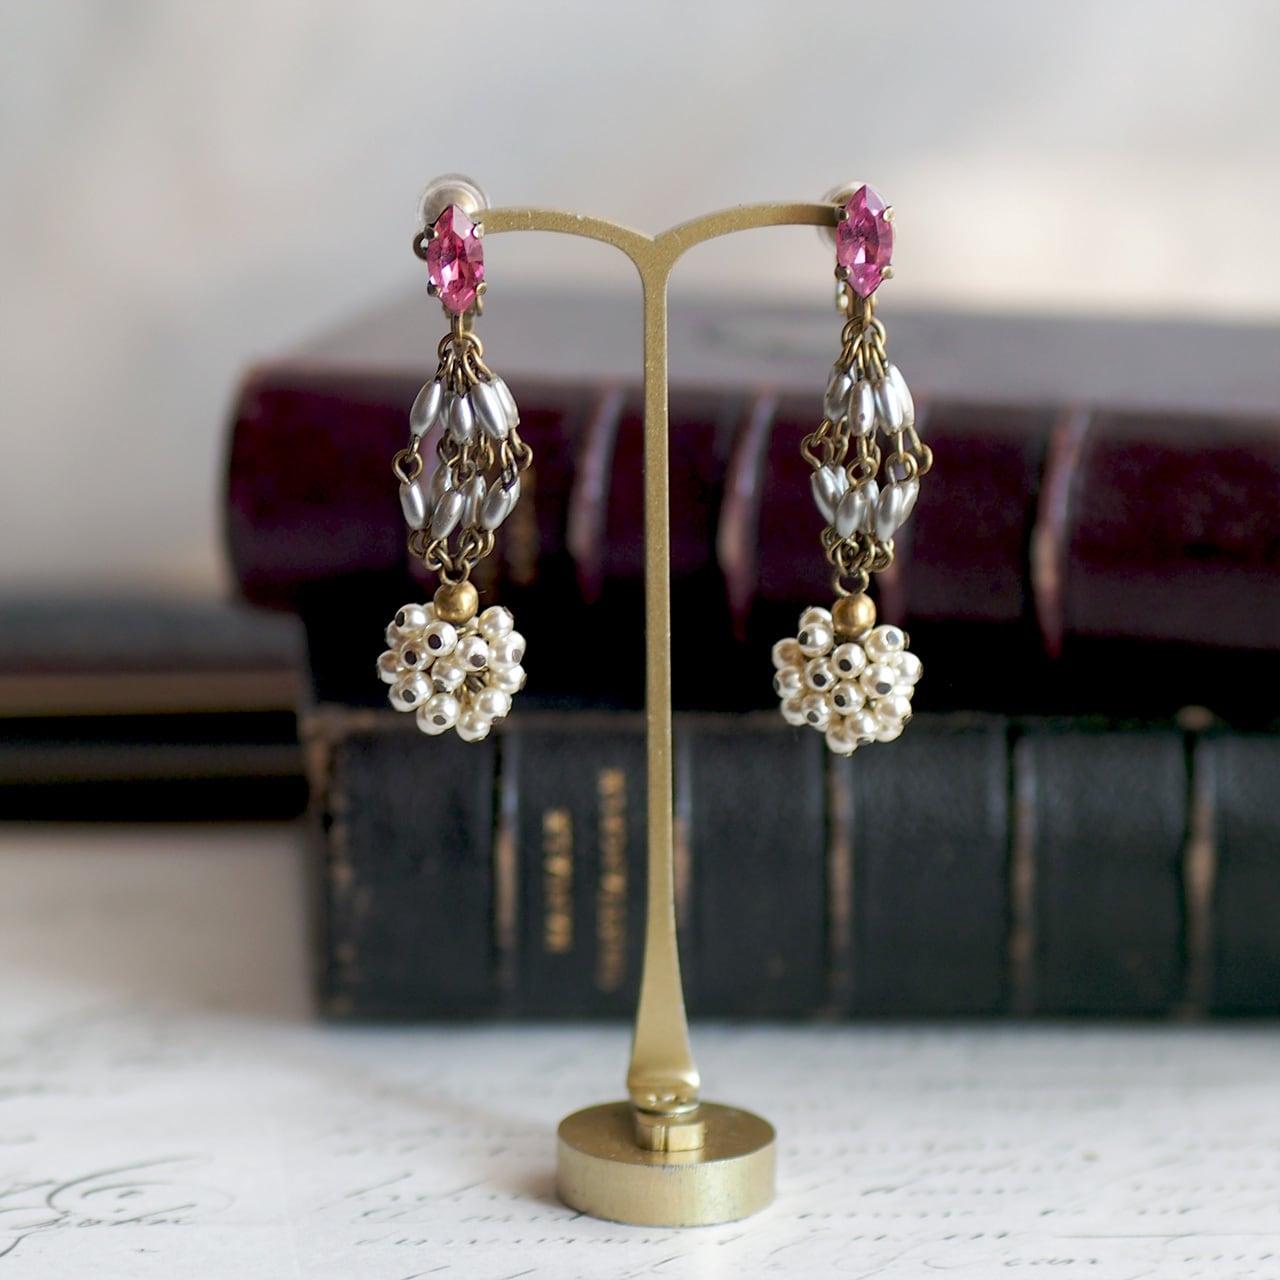 カーテンコール / イヤリング(GlassPearl&PinkGlass)